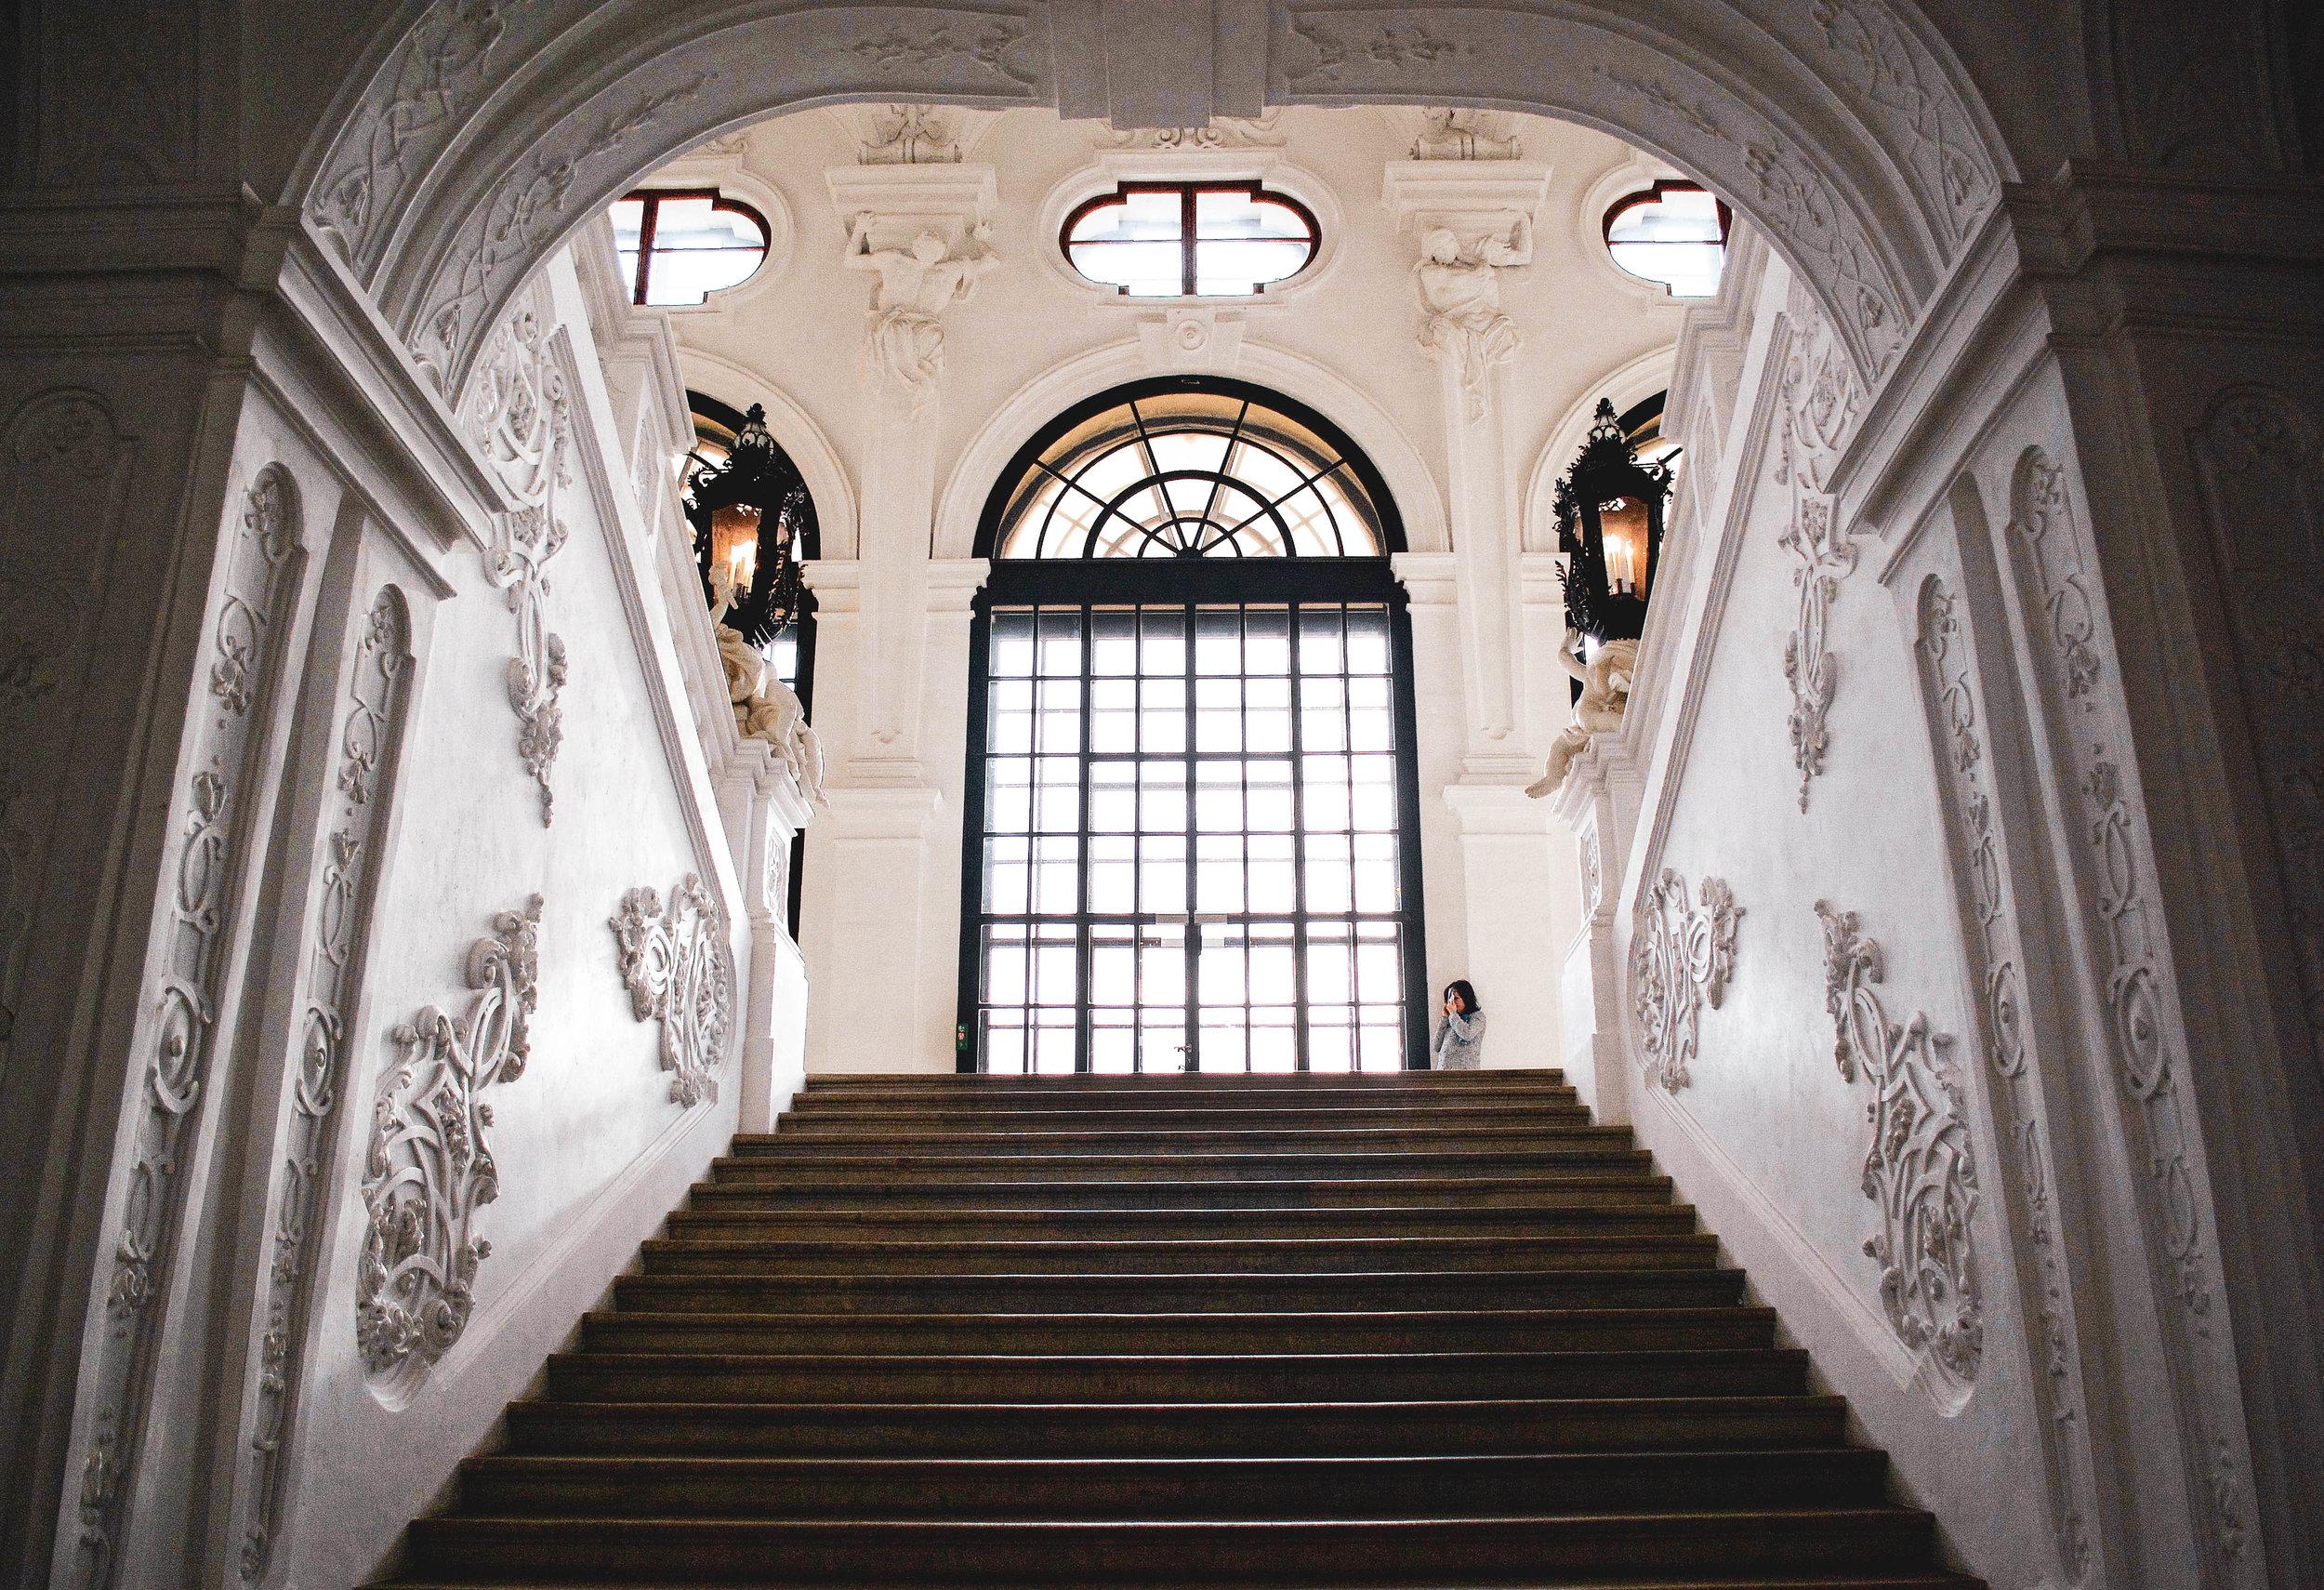 BelvederePalace_Vienna.jpg